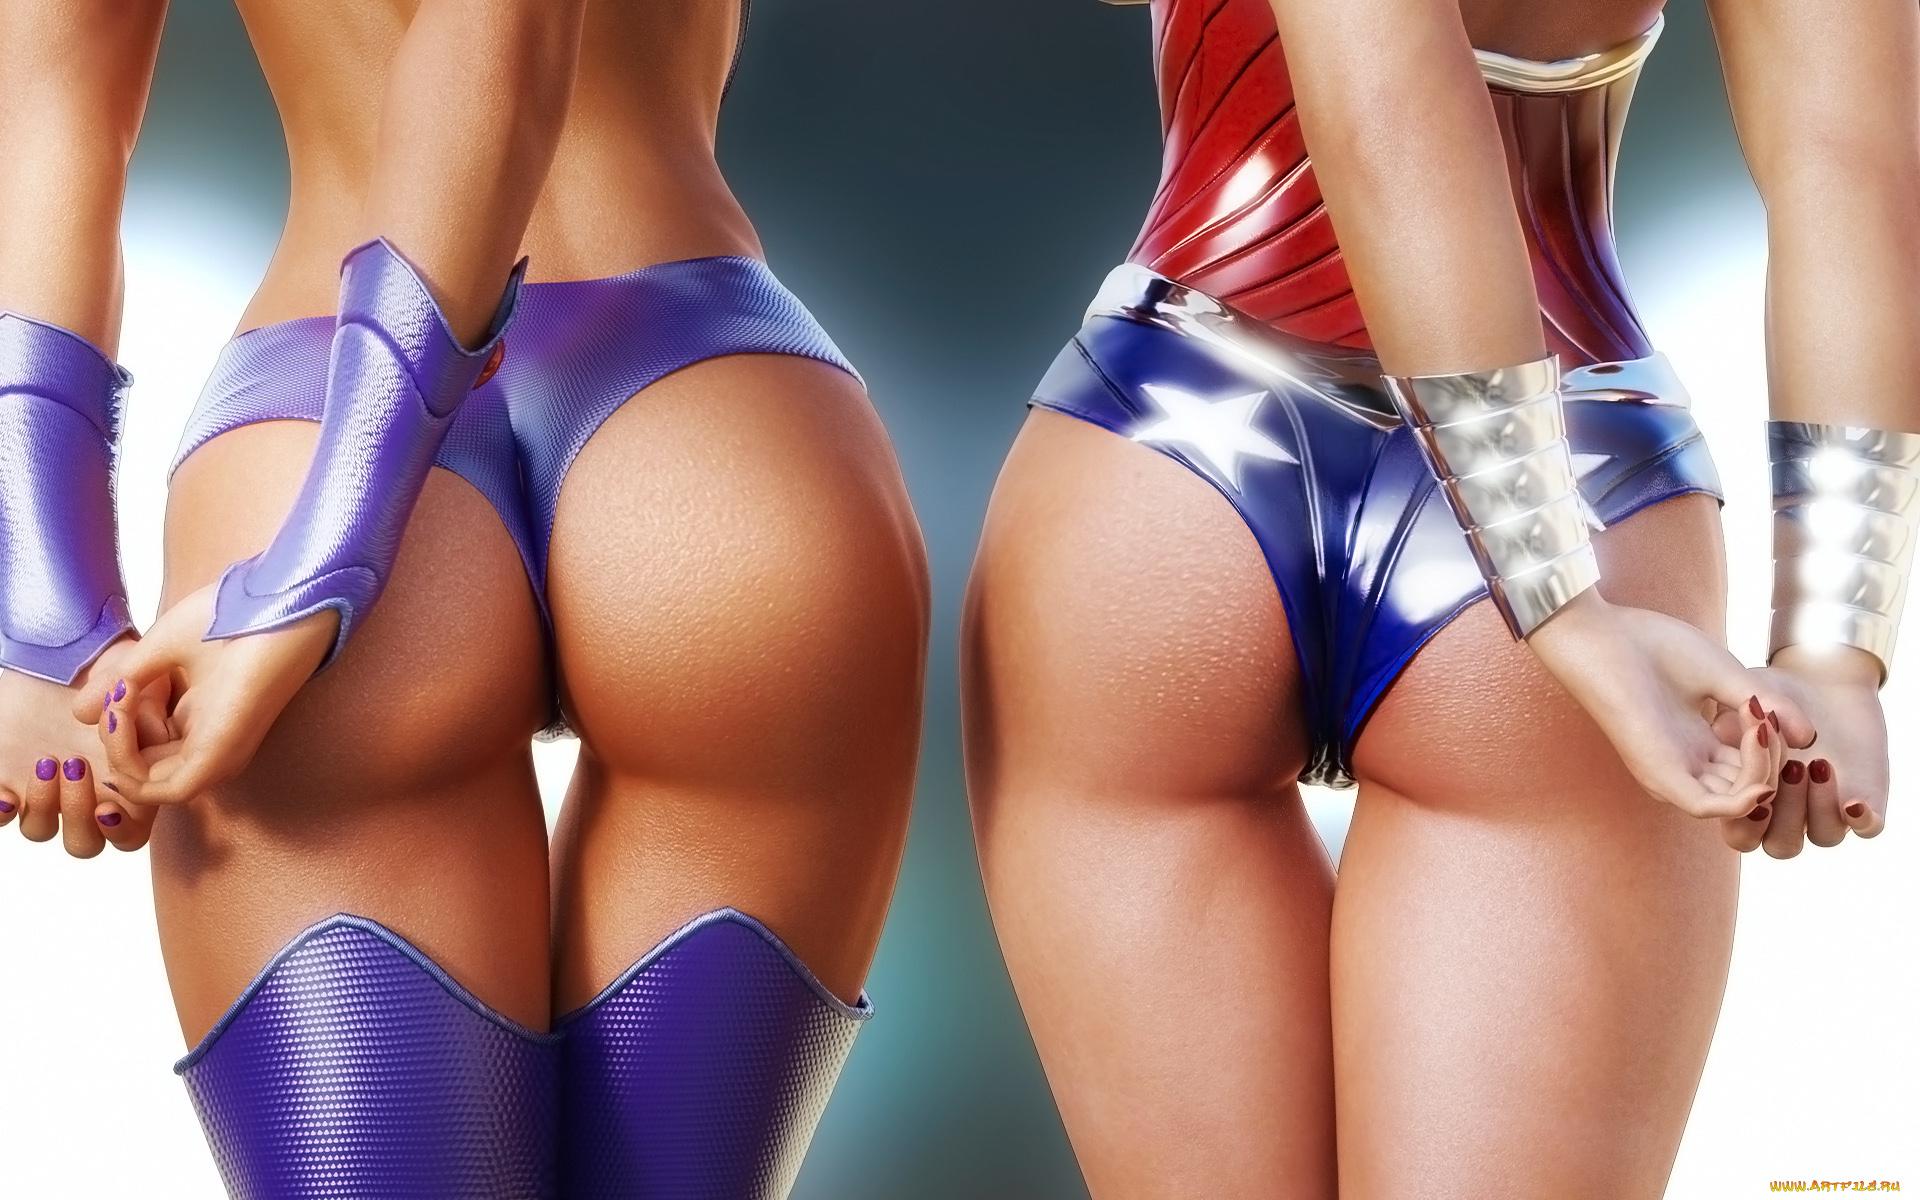 Упругие сочные попки девушек, Большие жопы, упругие задницы, попки, качественное 2 фотография